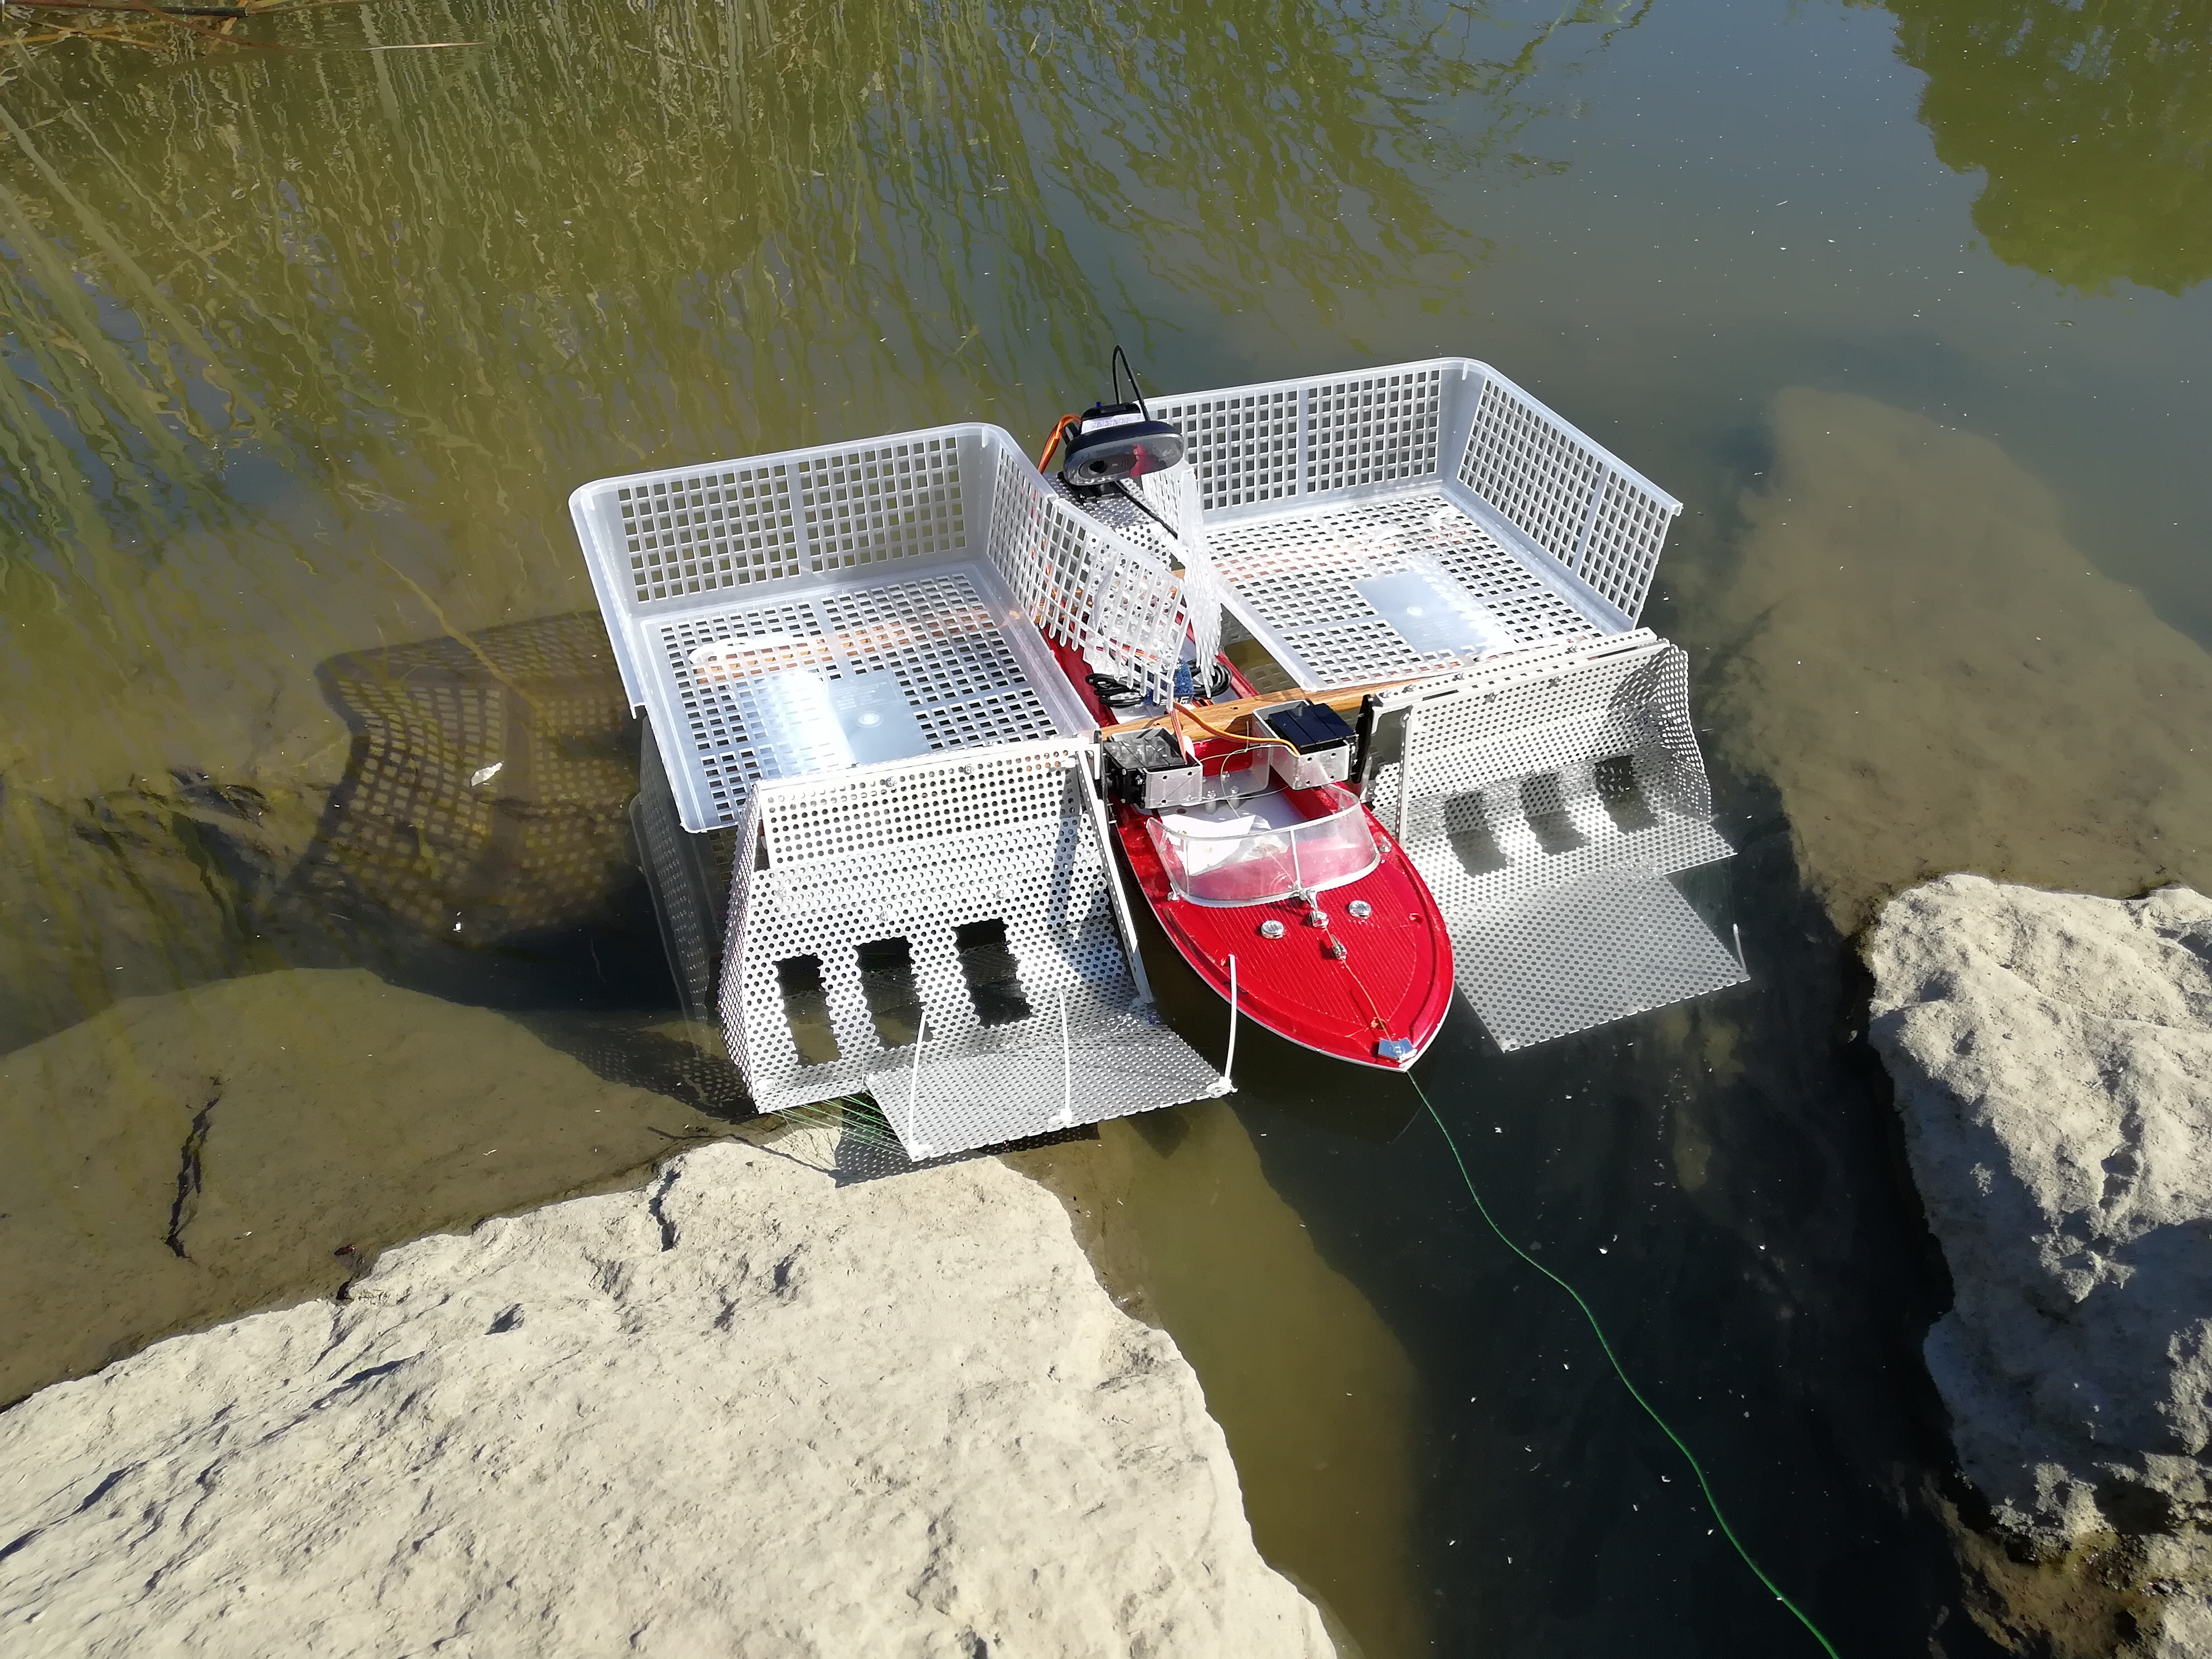 海や川でゴミ回収できるRaspberryPiラジコンボートを作る